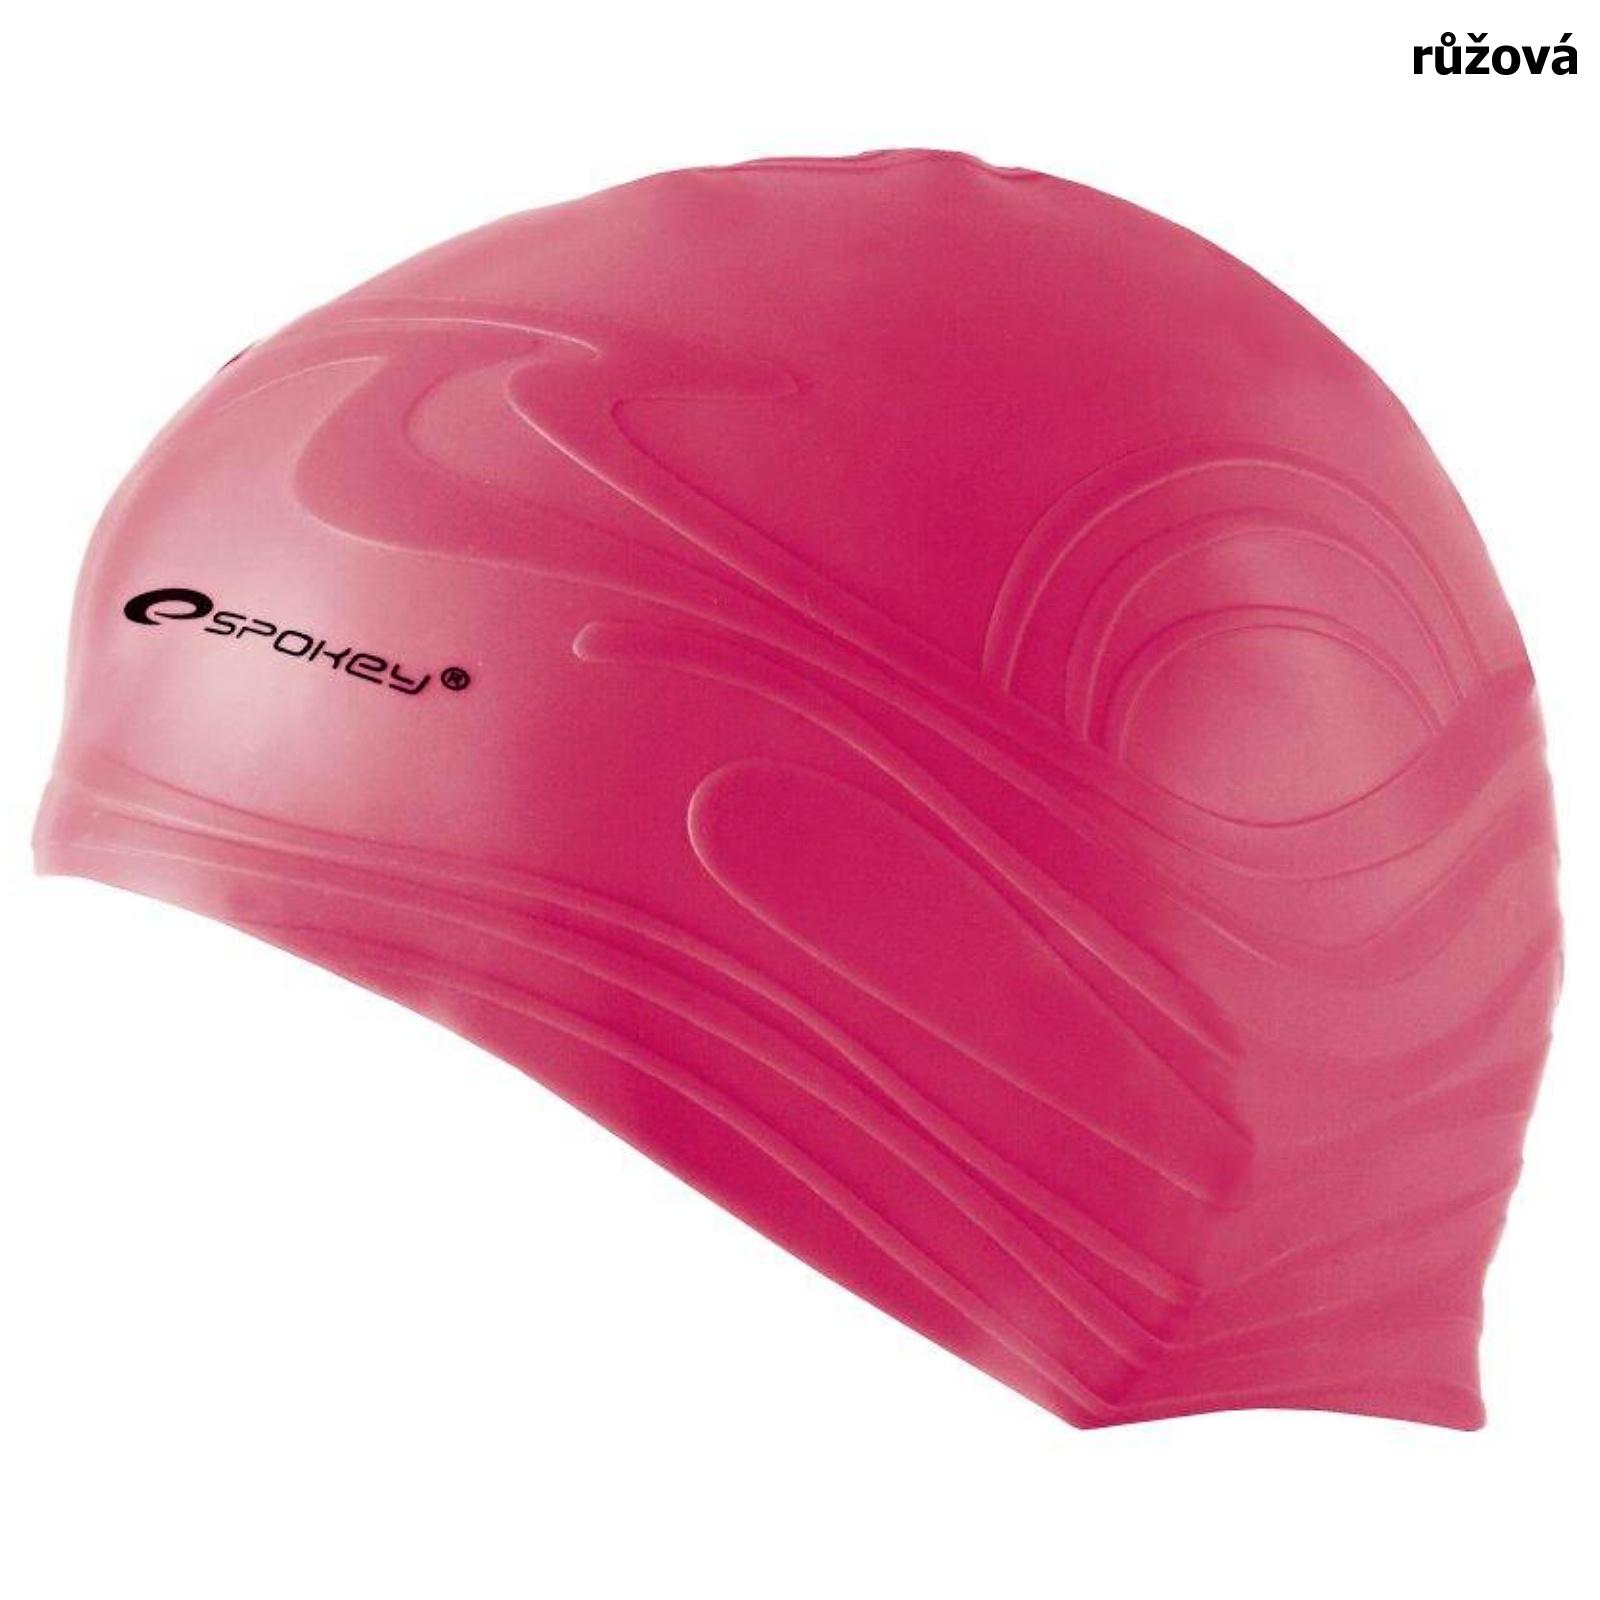 Plavecká čepice SPOKEY Shoal - růžová